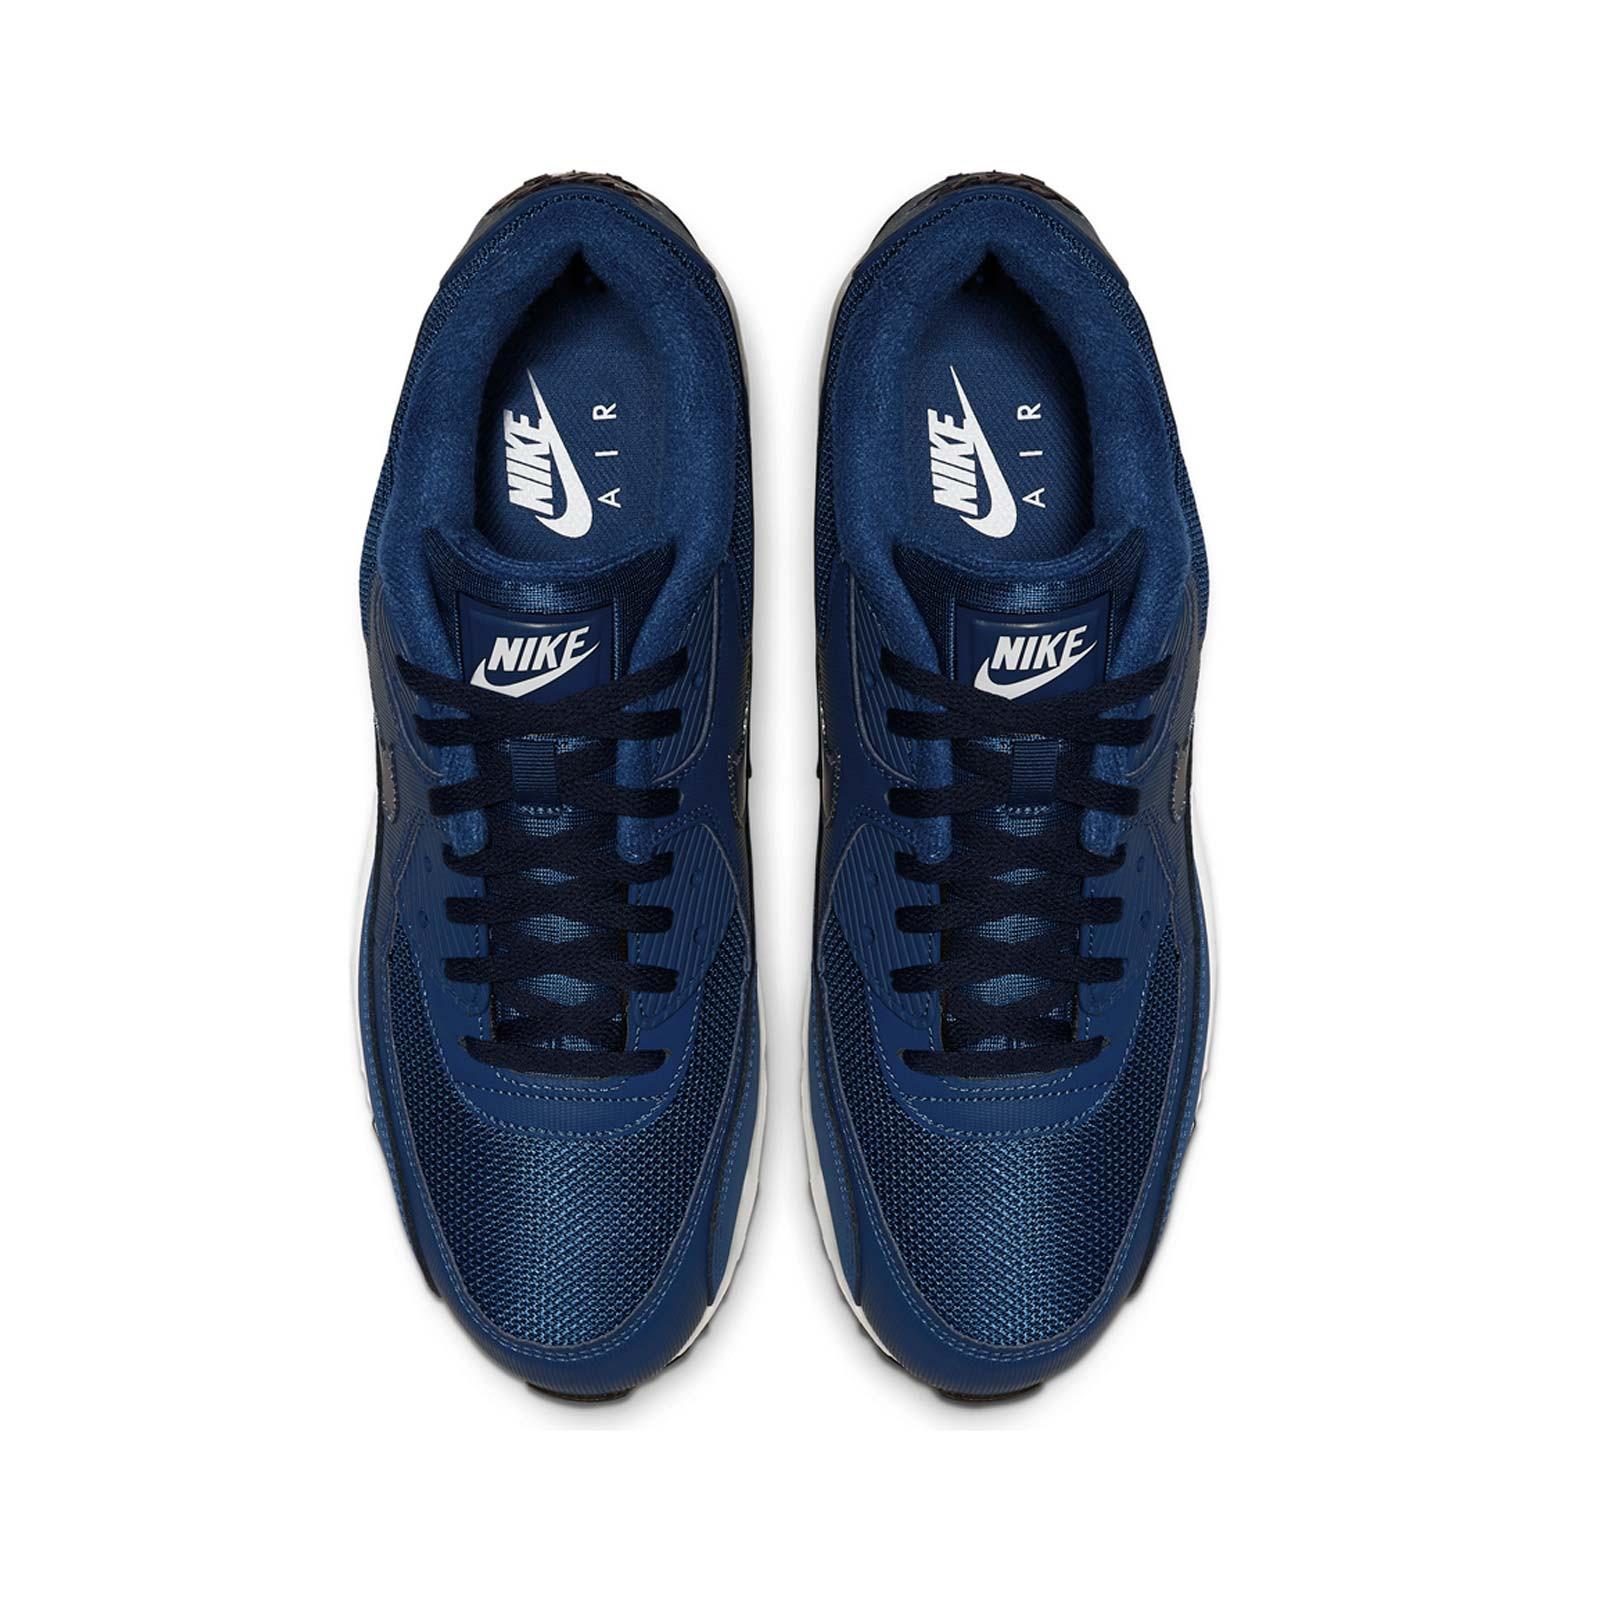 Zapatos Alivio prefacio  Zapatillas Nike Air Max 90 Essential Sportswear para Hombre | Runa Store